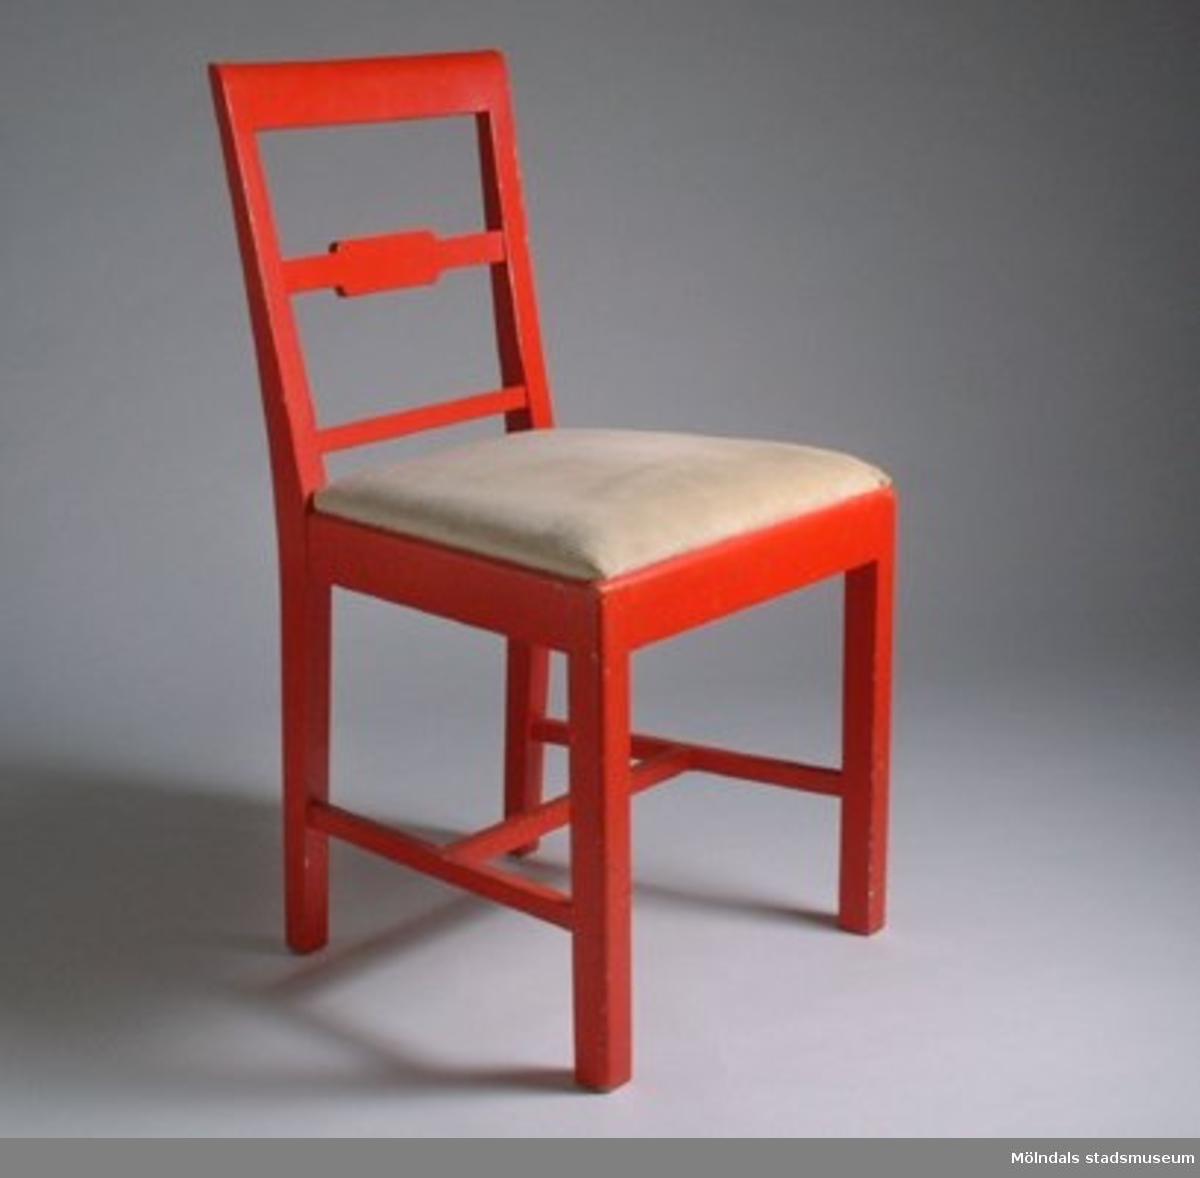 Röda stolar med beige manschesterfodrad sits. Ena stolens sits är lös.Under sitsarna står med blyerts ett namn och nummer.Tillhört personalbostad på 1940-tal.F.d. inv. nr MM 03025:1-2.